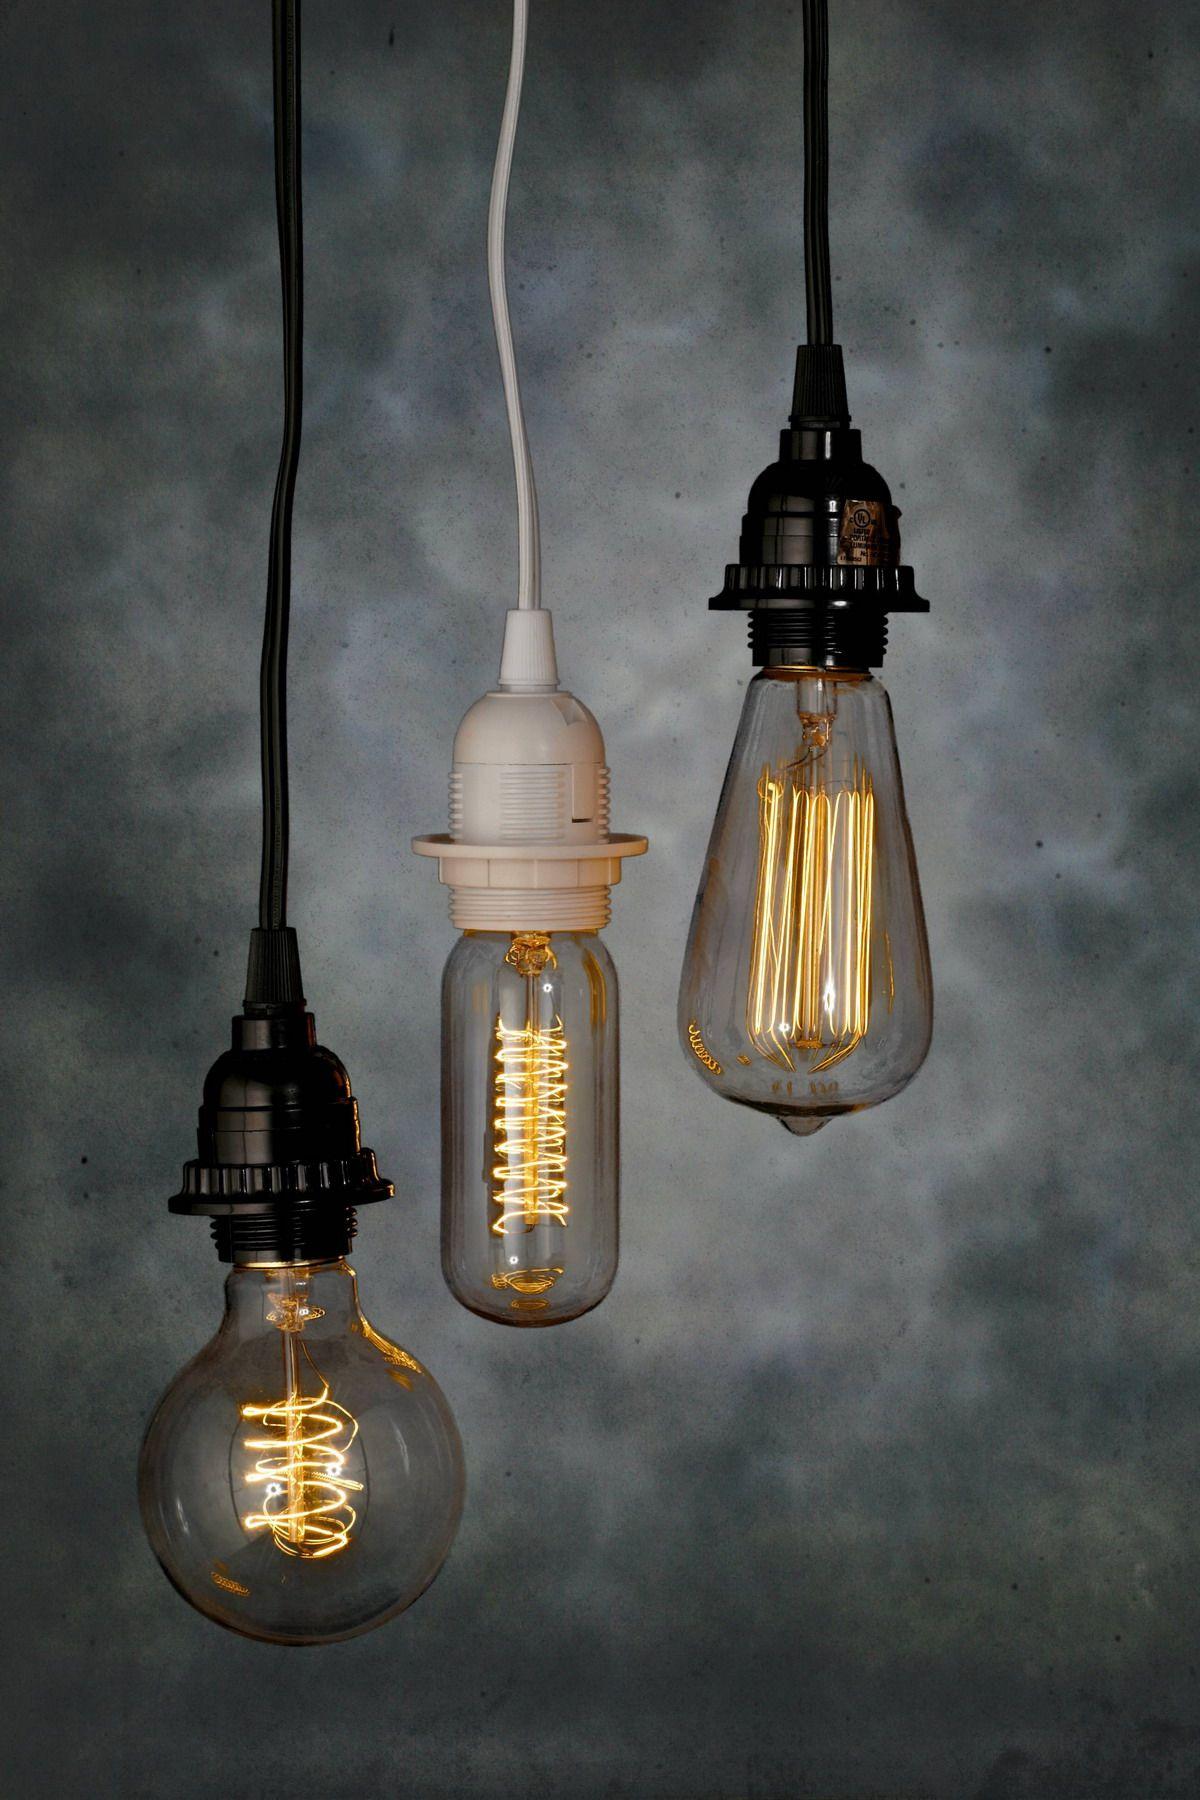 Old School Edison Light Bulbs For Vintage Feel Event Lighting